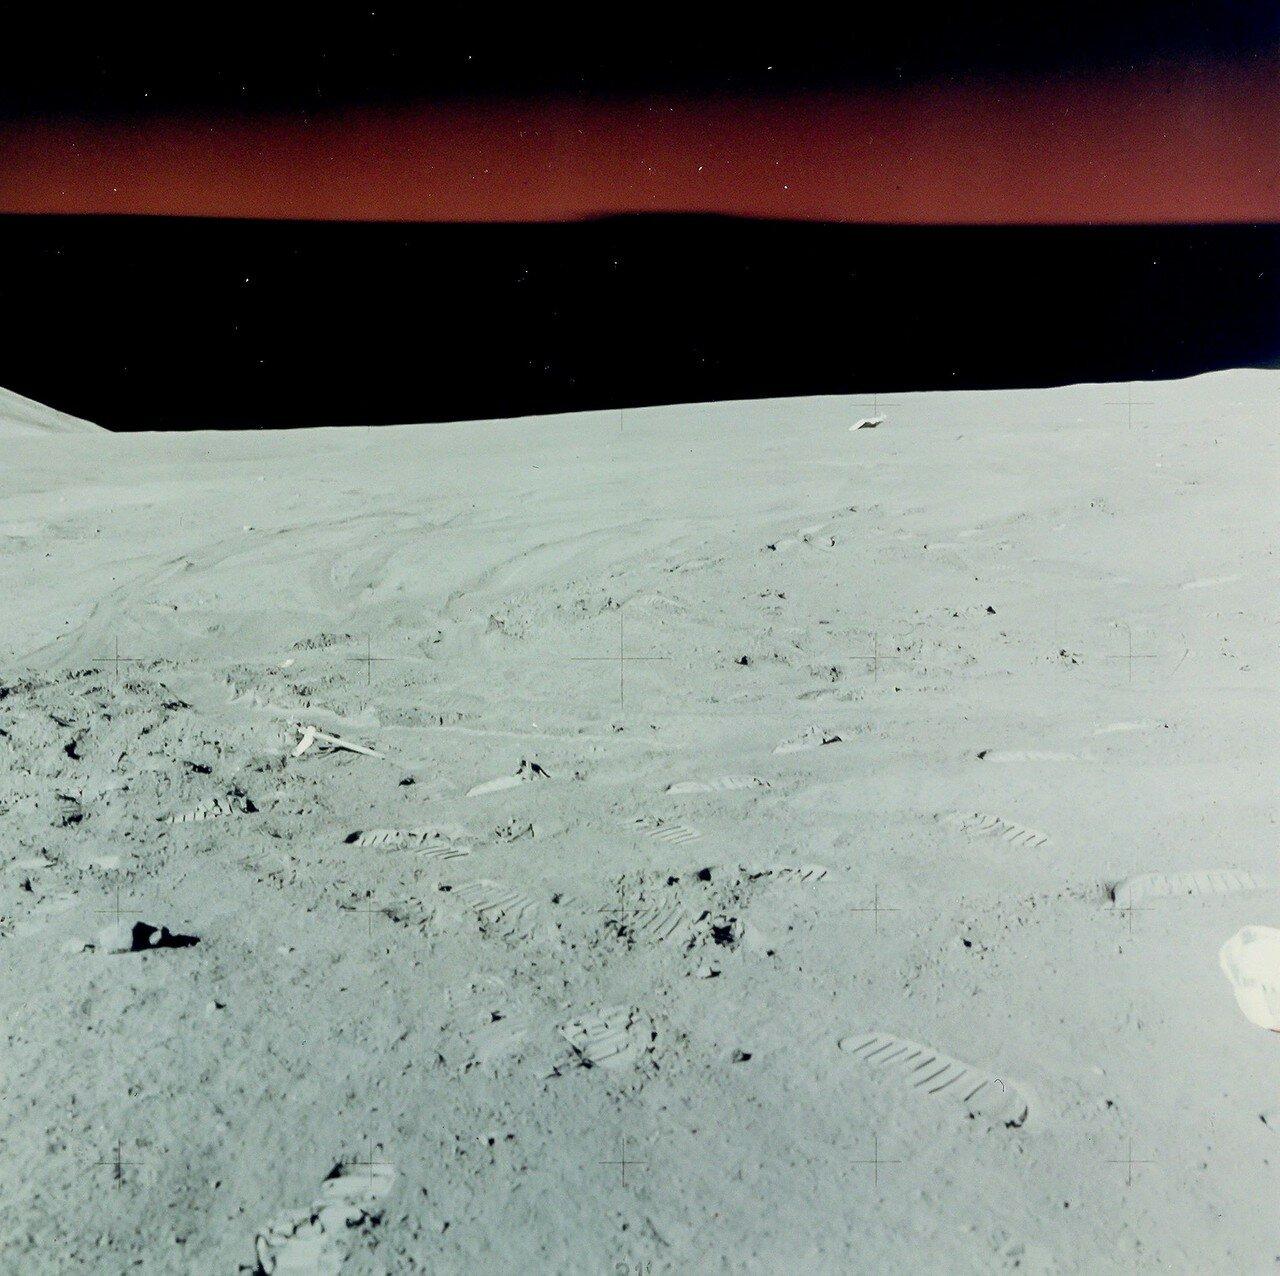 Прежде чем предпринимать первый выход на поверхность, решено было уделить несколько часов работе внутри лунного модуля, а затем предоставить астронавтам 8 часов для полноценного сна. На снимке: Лунный ландшафт на месте посадки